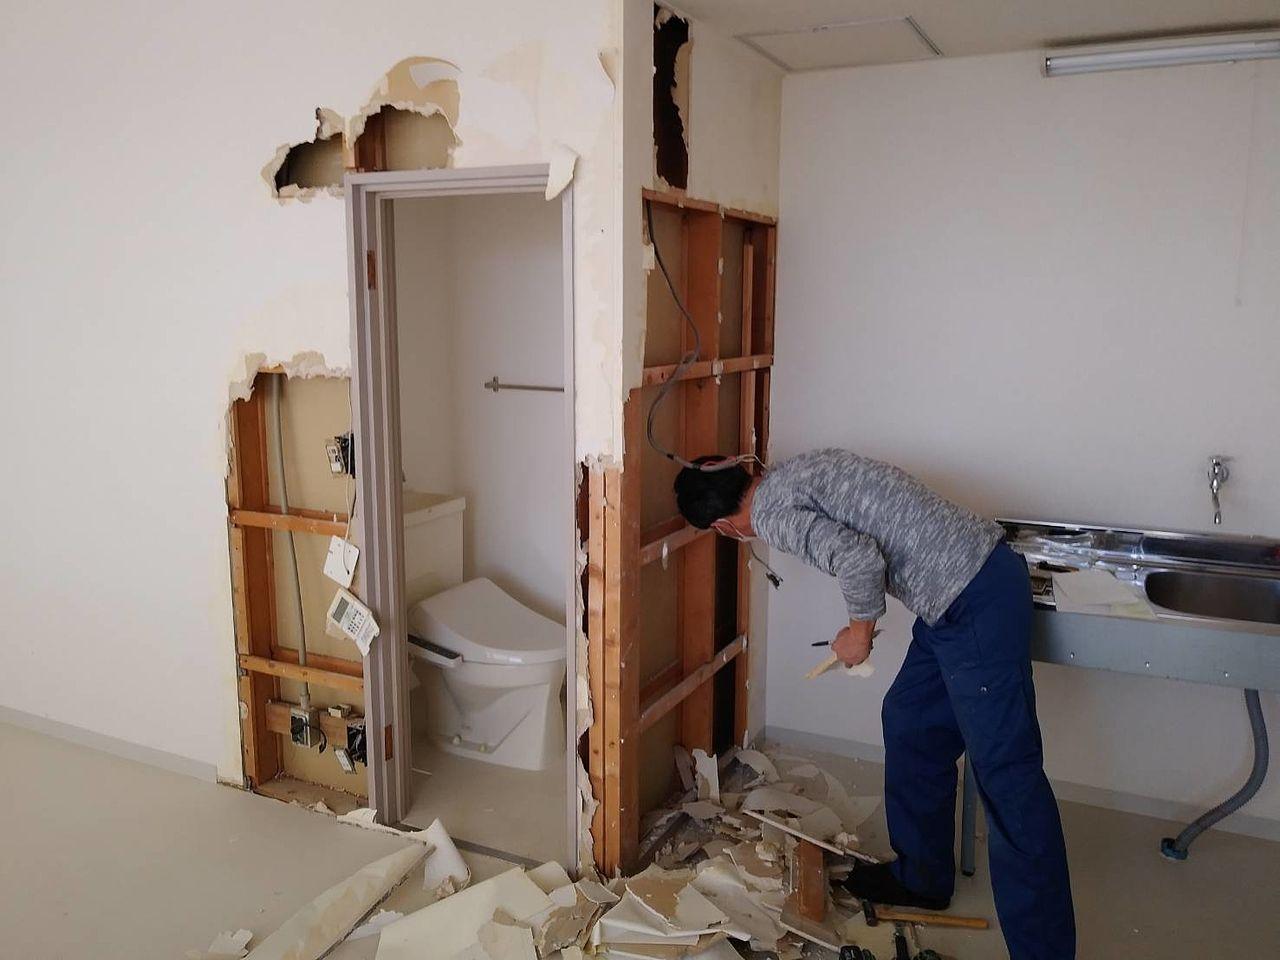 トイレ自体が広くなく、便器と事務所の距離が近い事が分かります。